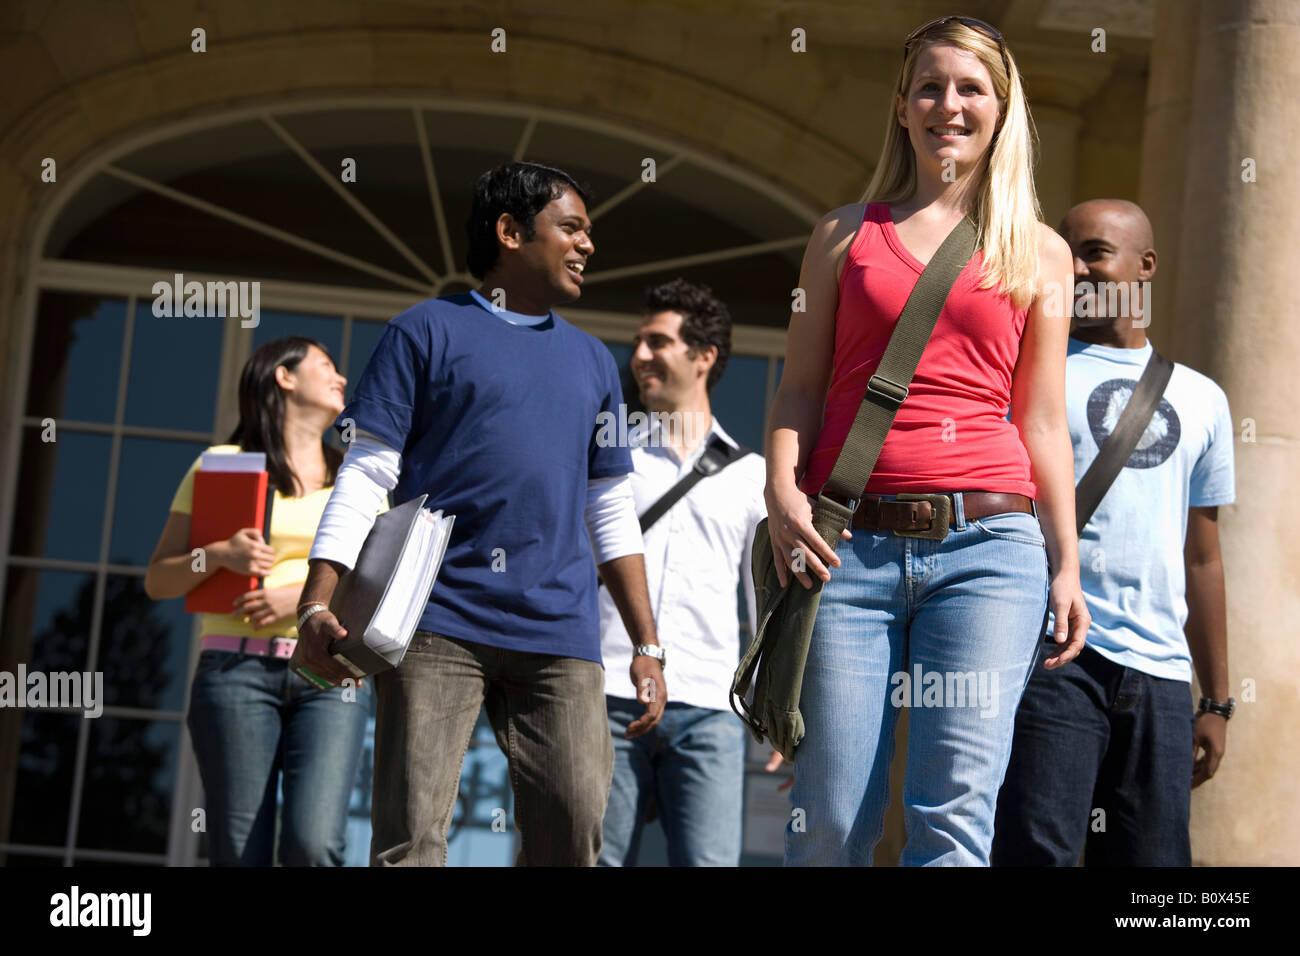 Gli studenti universitari di lasciare un edificio in aula del campus Immagini Stock